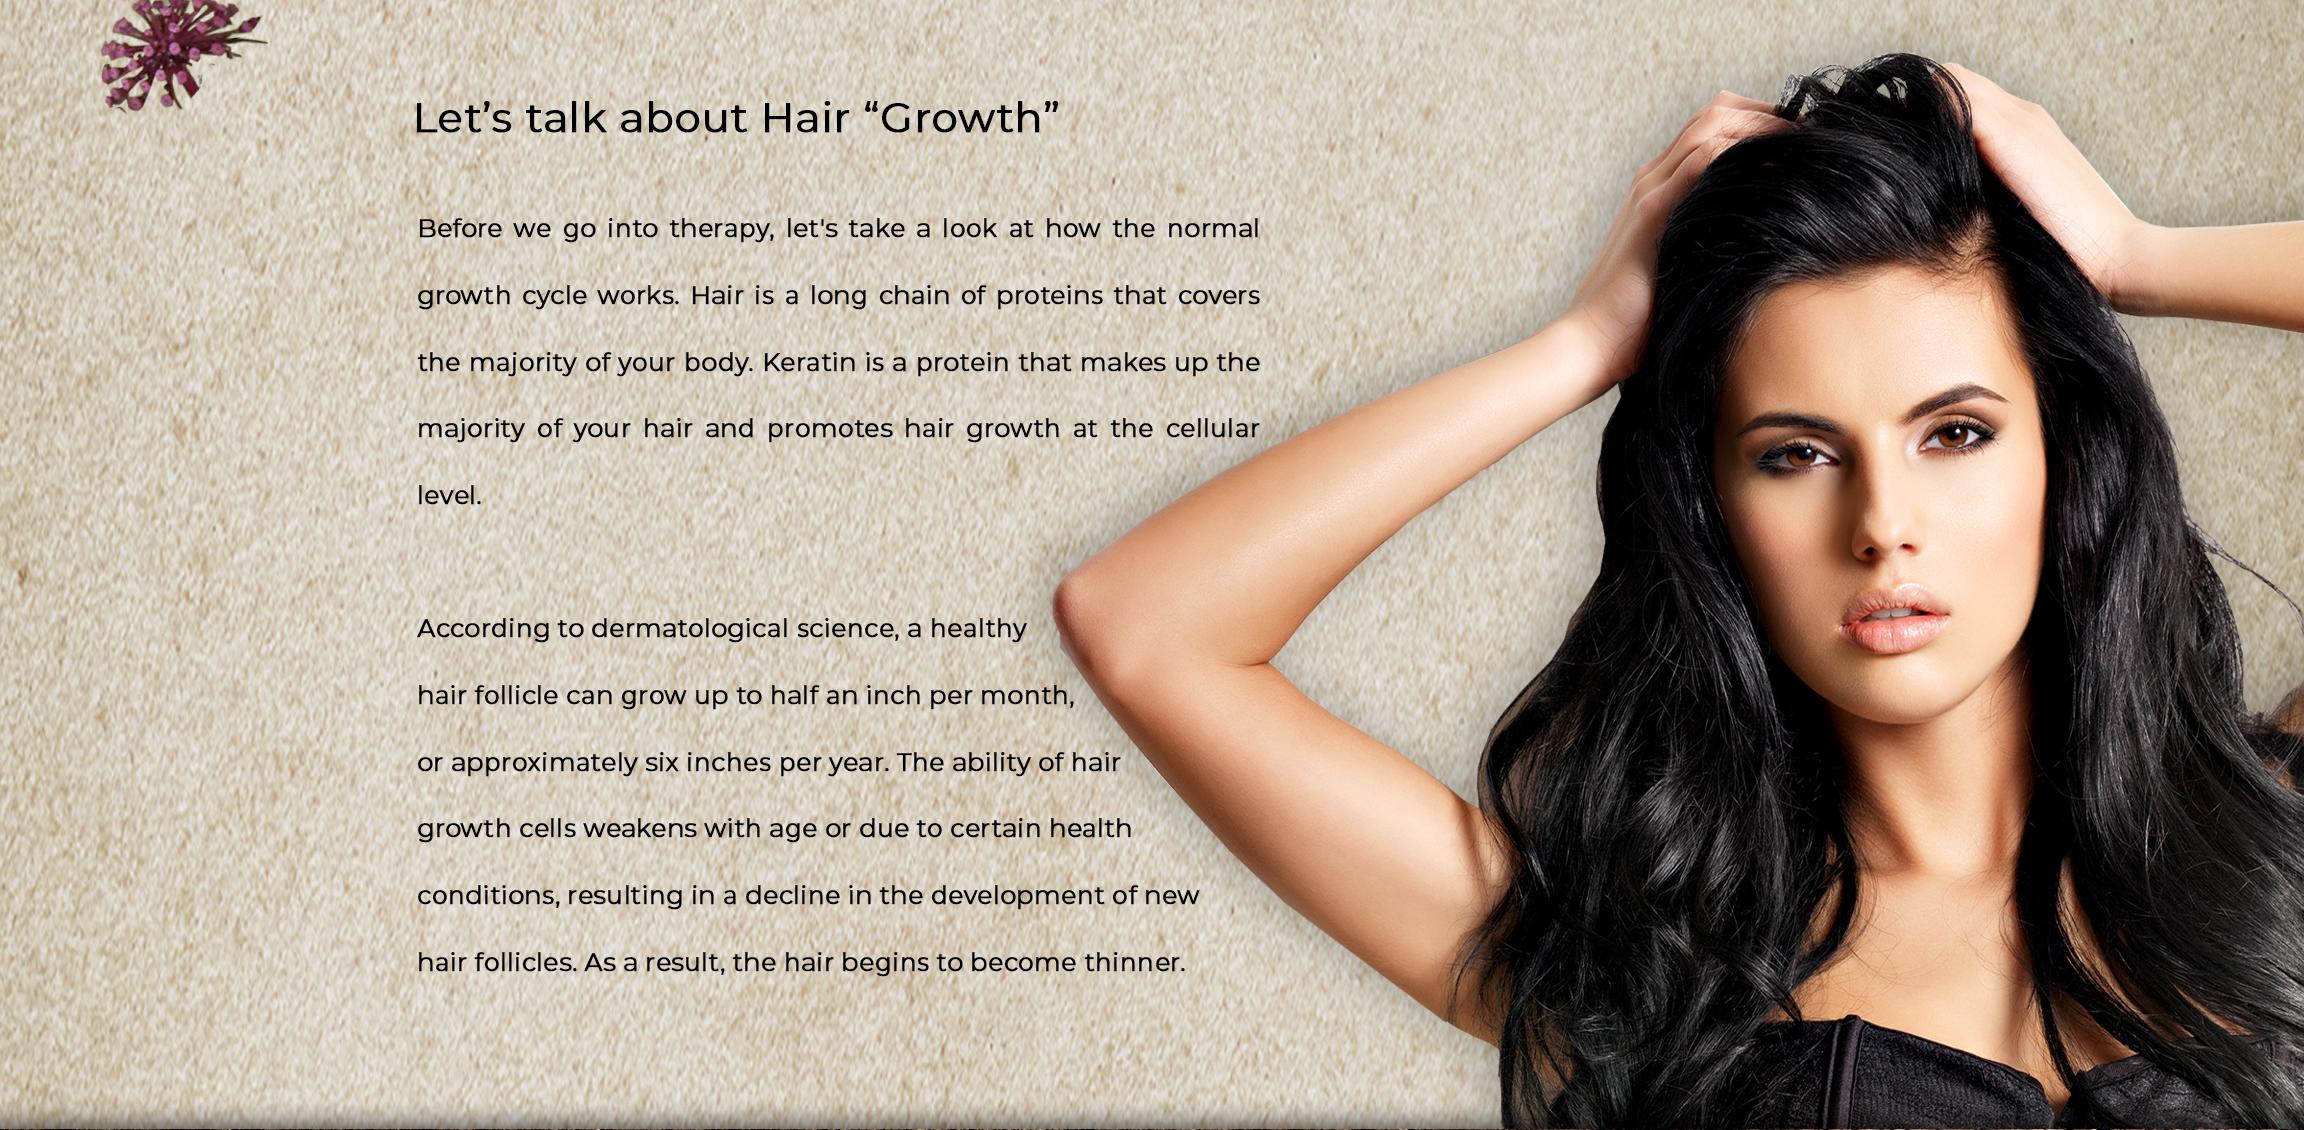 hair-serum-growth